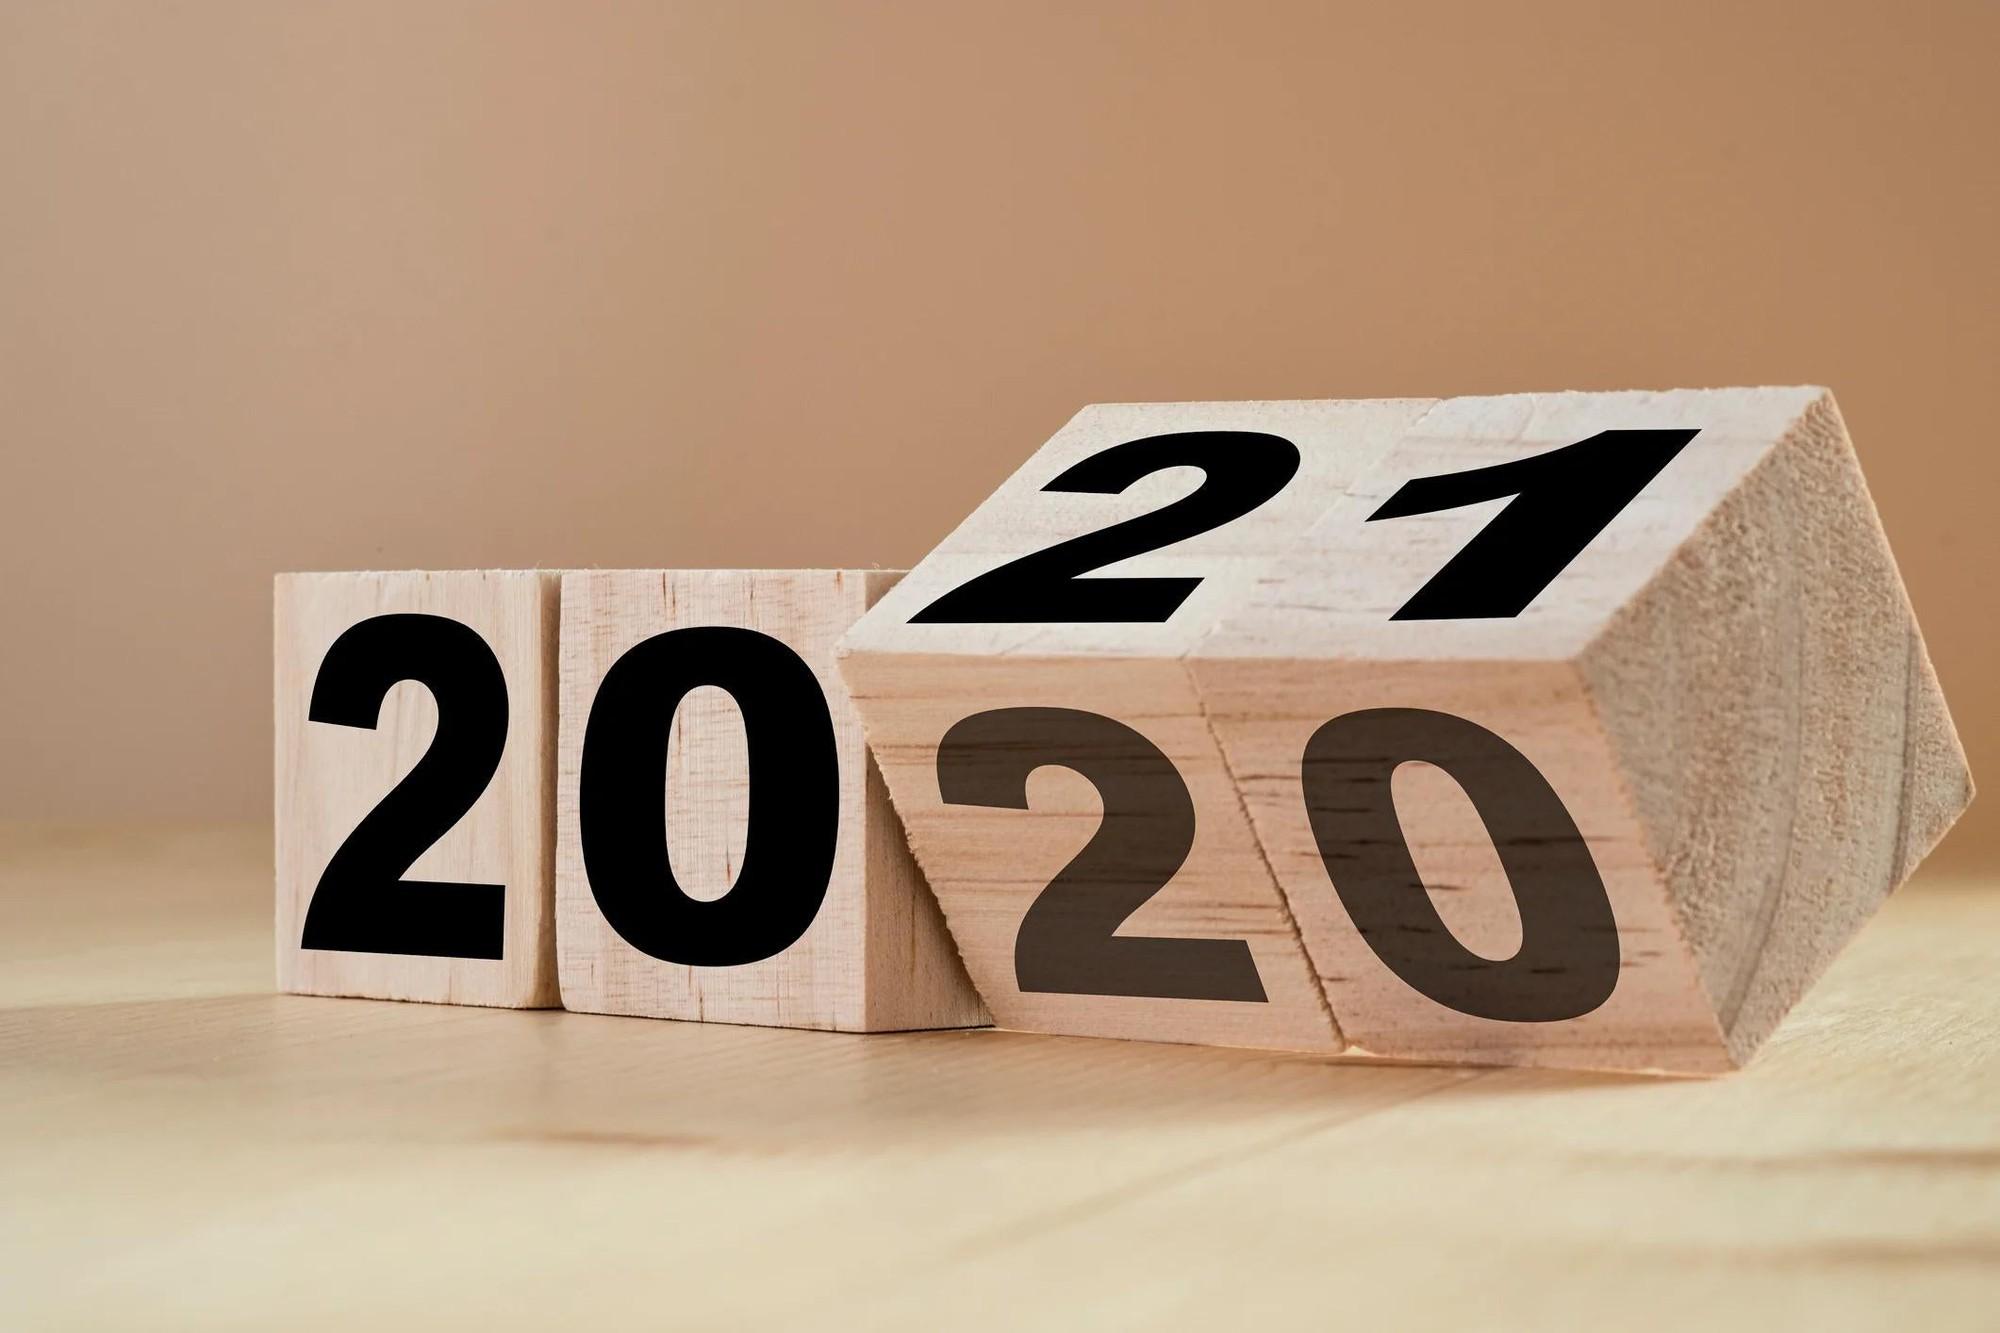 btc ha tagliato il 2021)